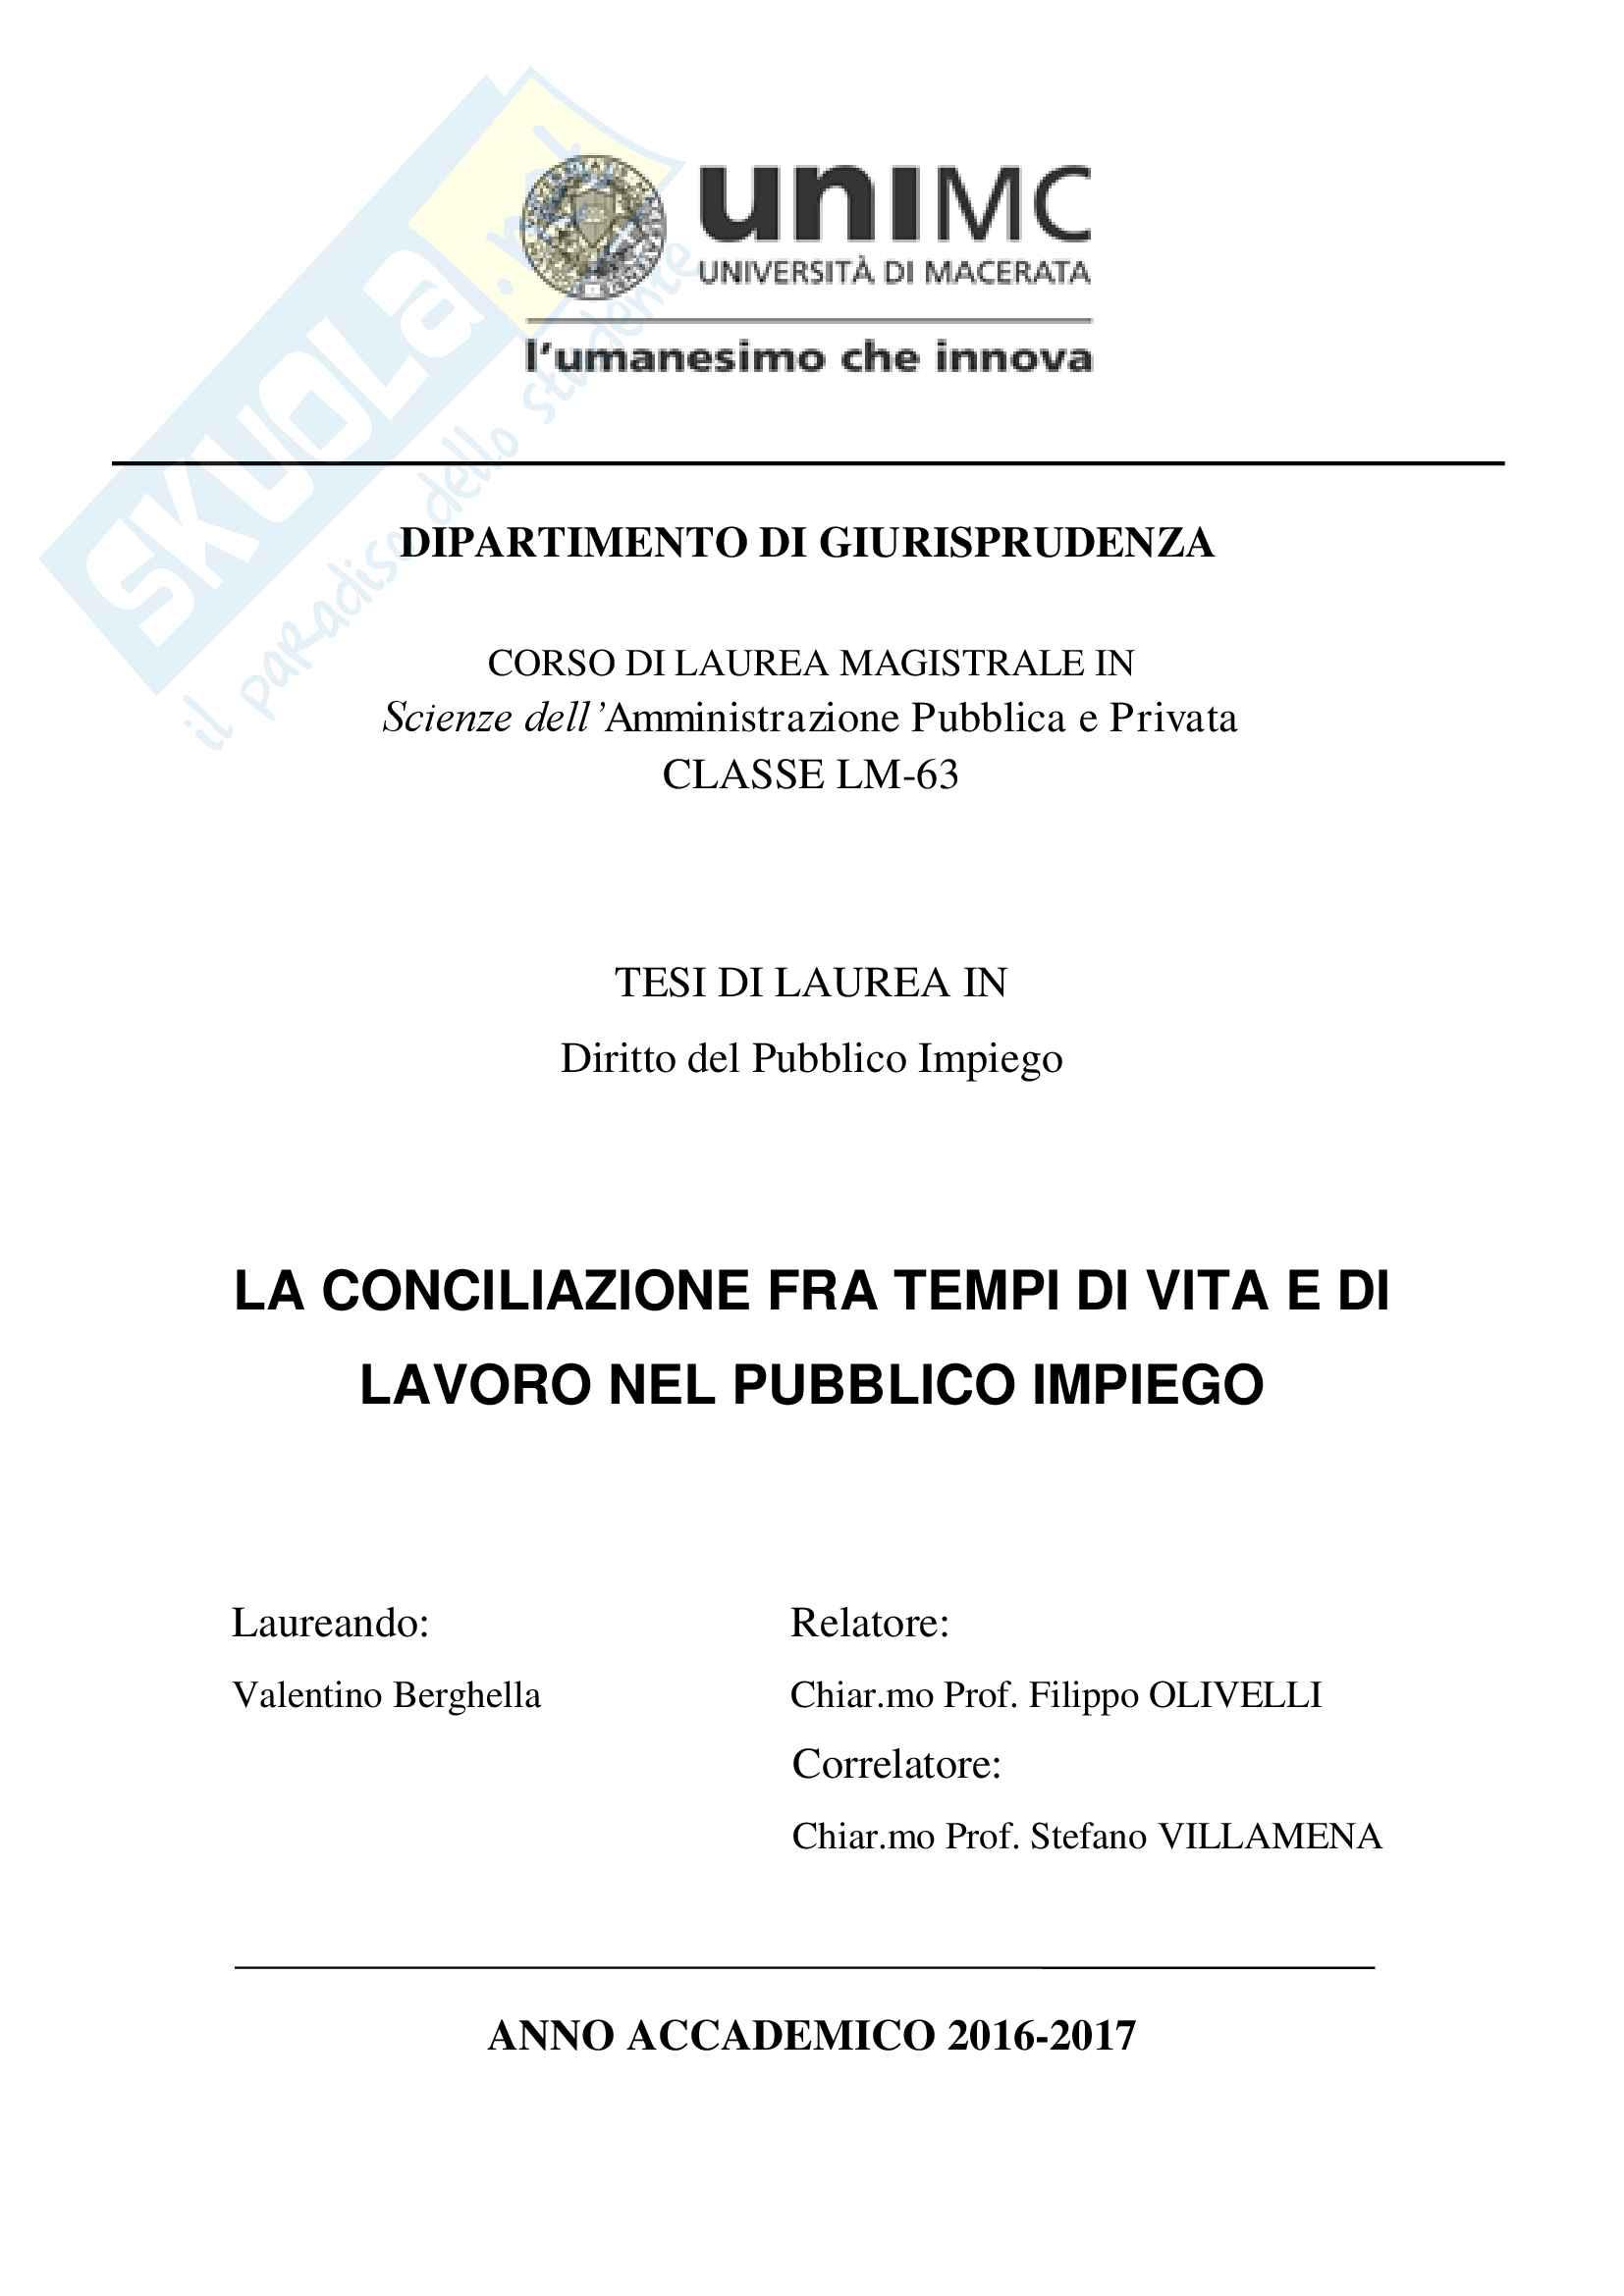 Tesi Laurea: Conciliazione fra tempi di vita e di lavoro